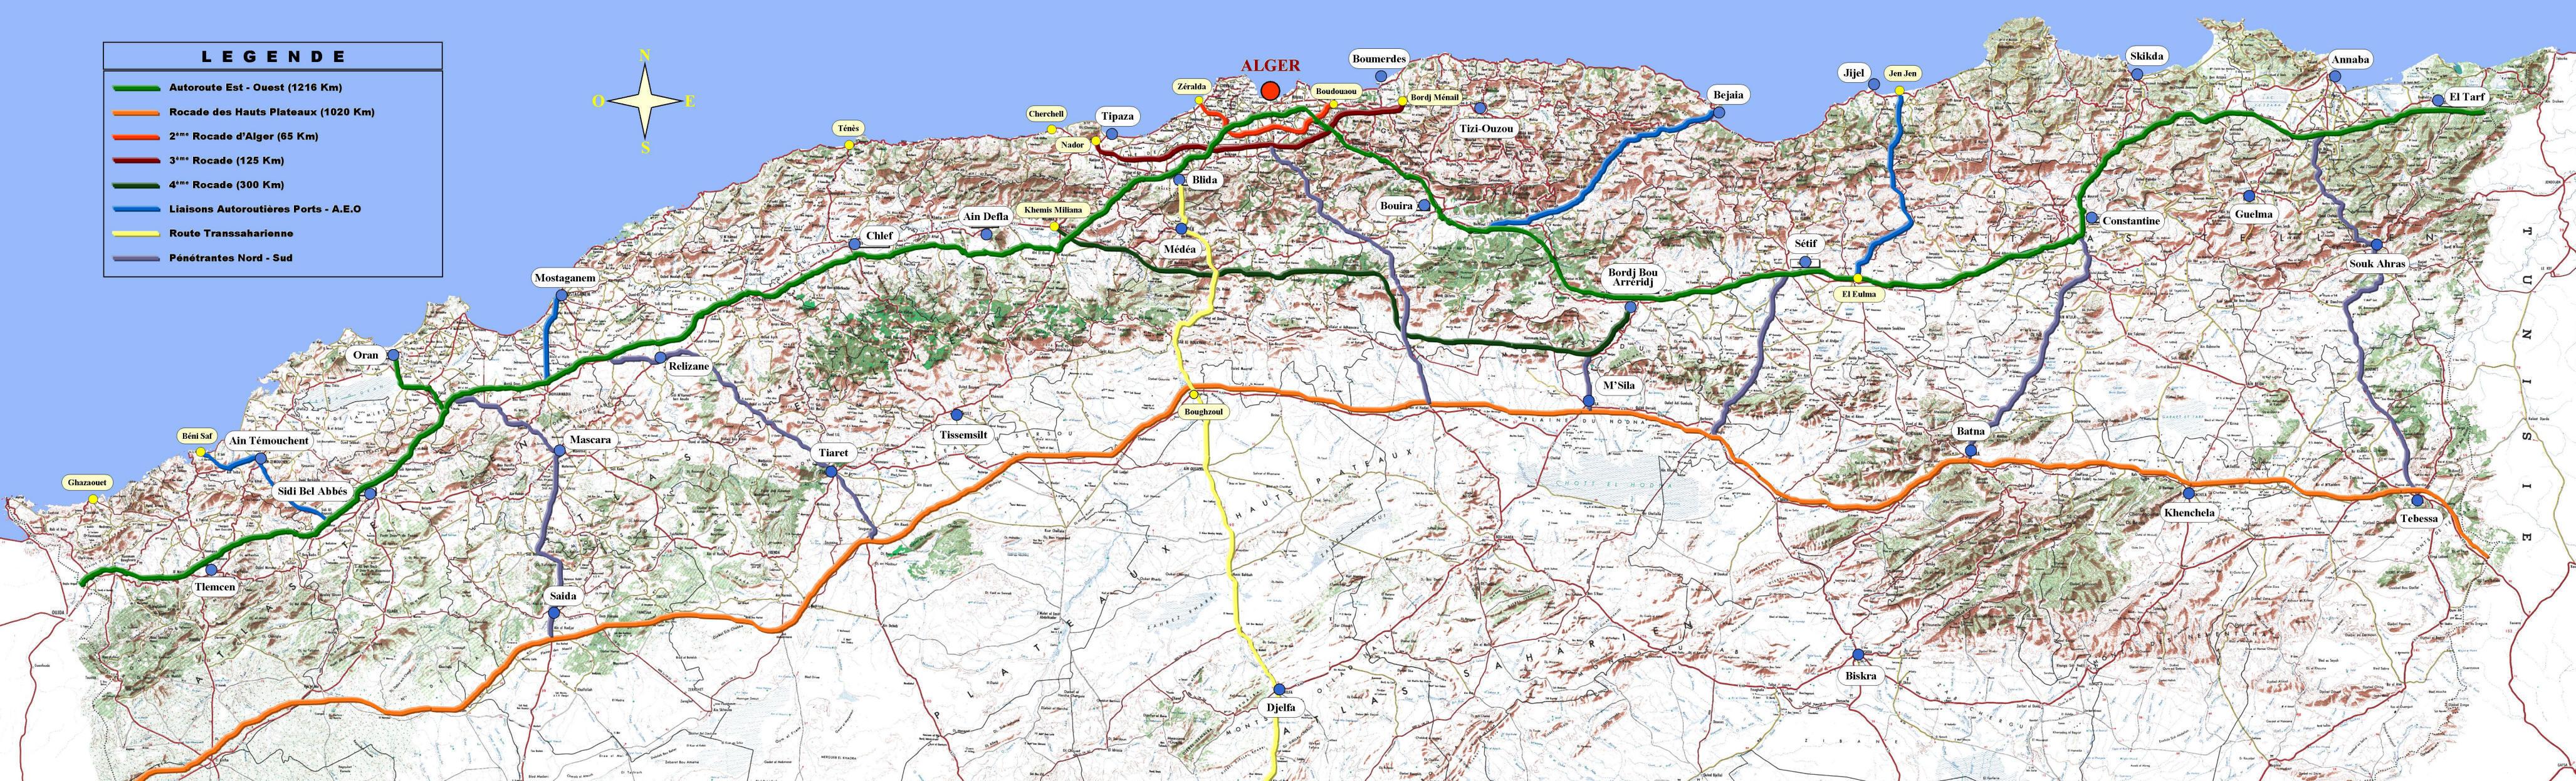 خريطة مشروع الطريق الوطني (شرق ـ غرب)